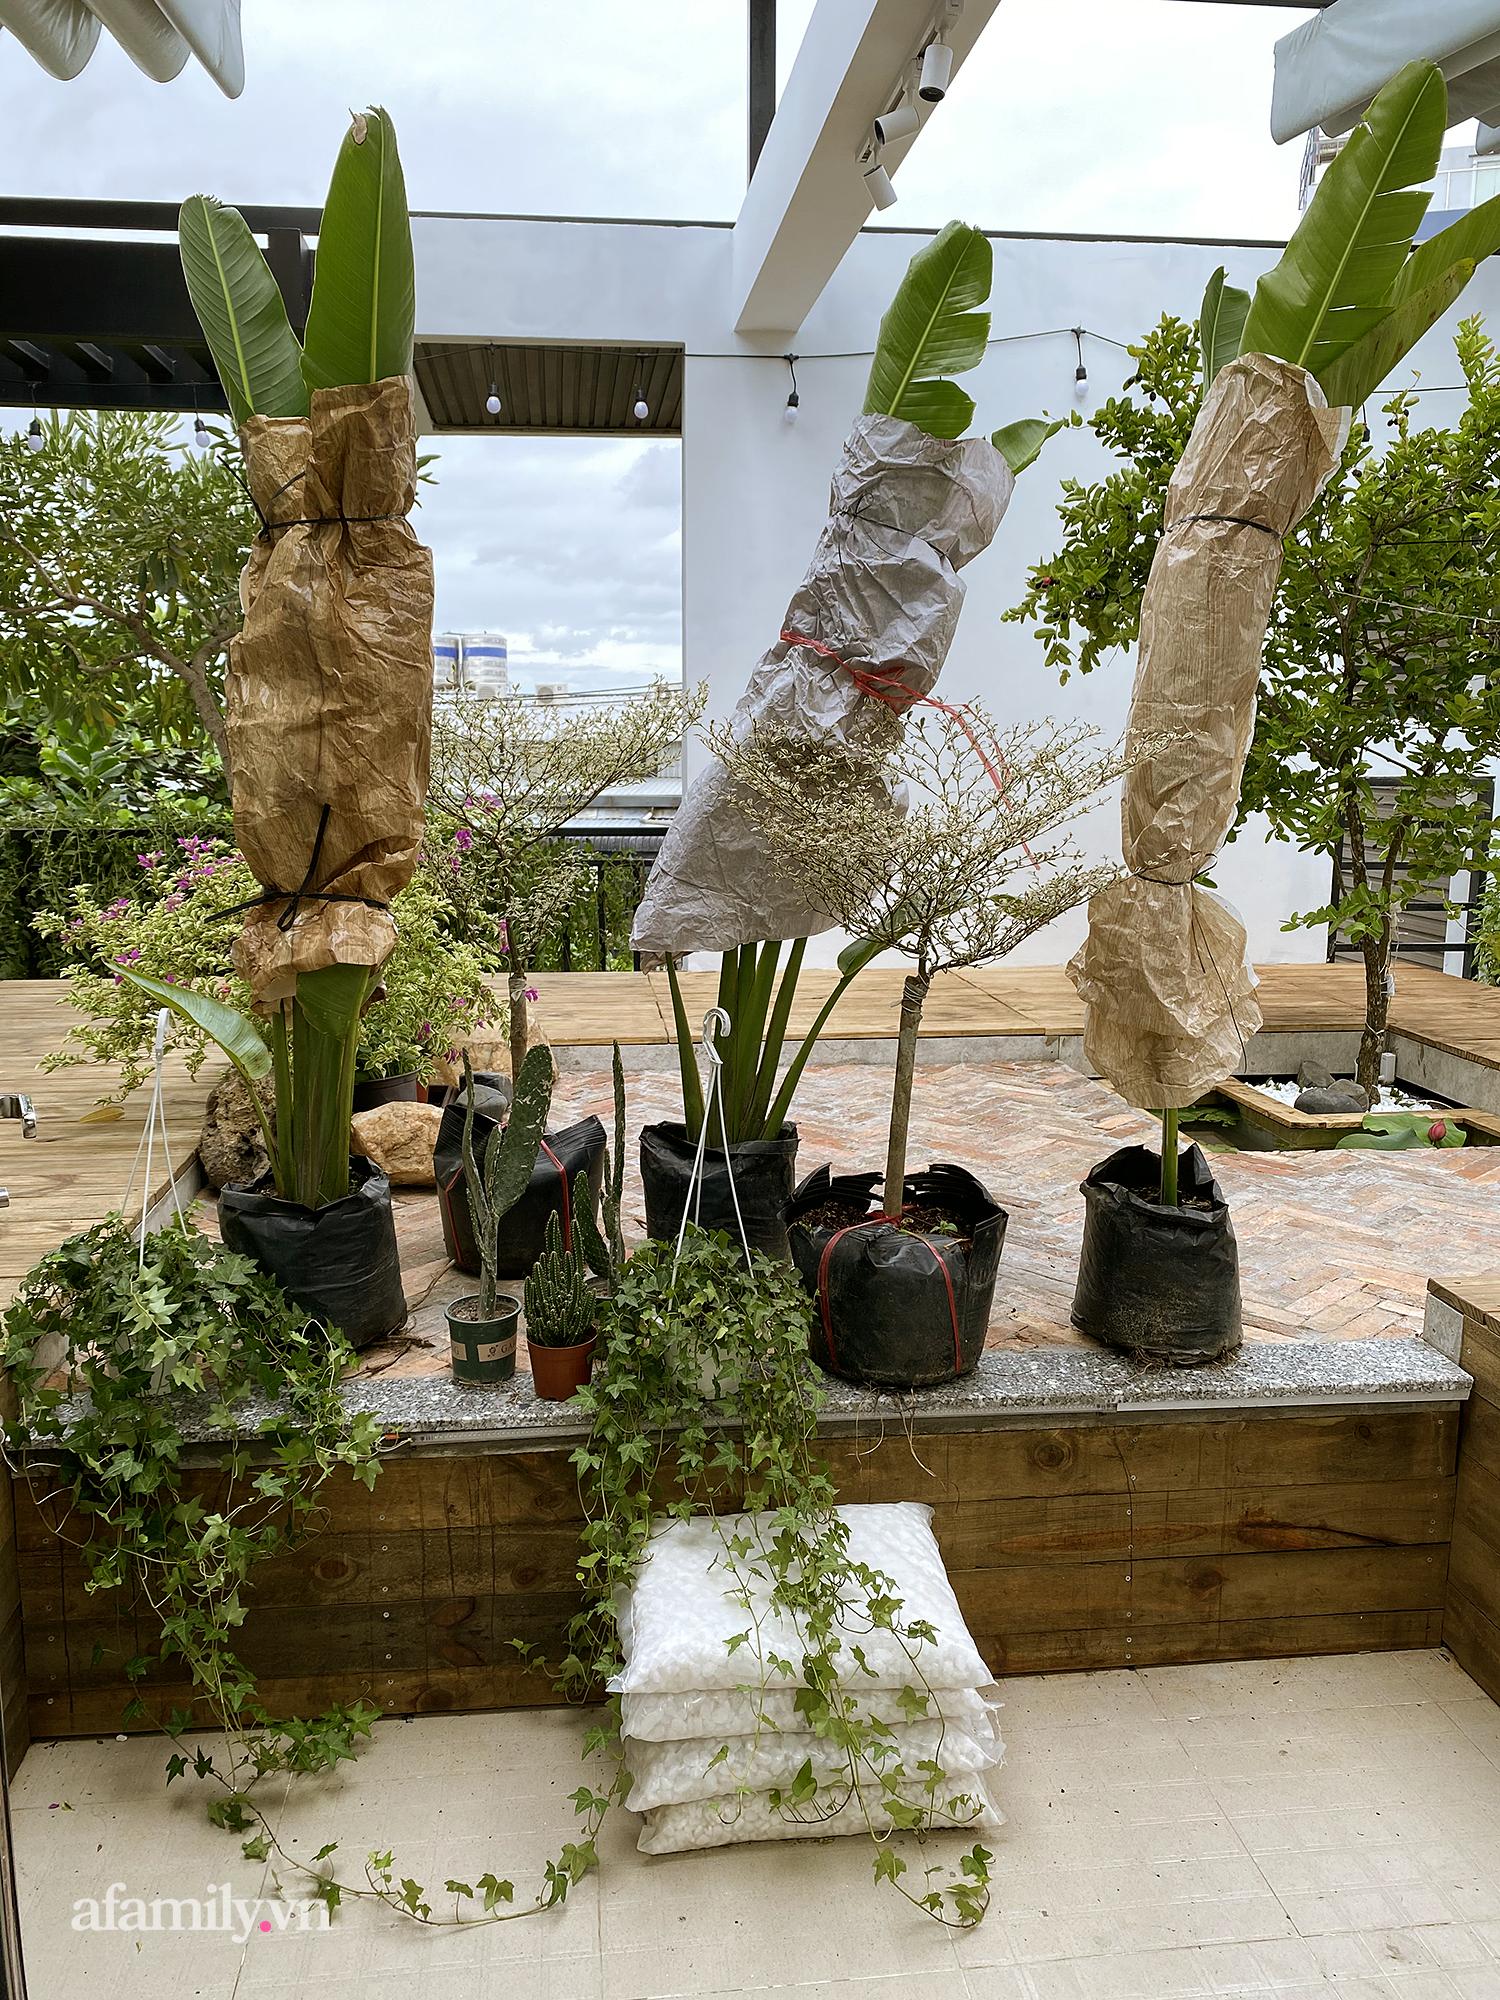 """Quá trình 2 năm phủ xanh căn nhà của một gia đình tại Sài Gòn: Dùng xe cẩu thả cả cây cao 8m từ nóc nhà tầng 3 xuống tầng trệt, biến sân thượng thành """"công viên"""" vì Covid - Ảnh 9."""